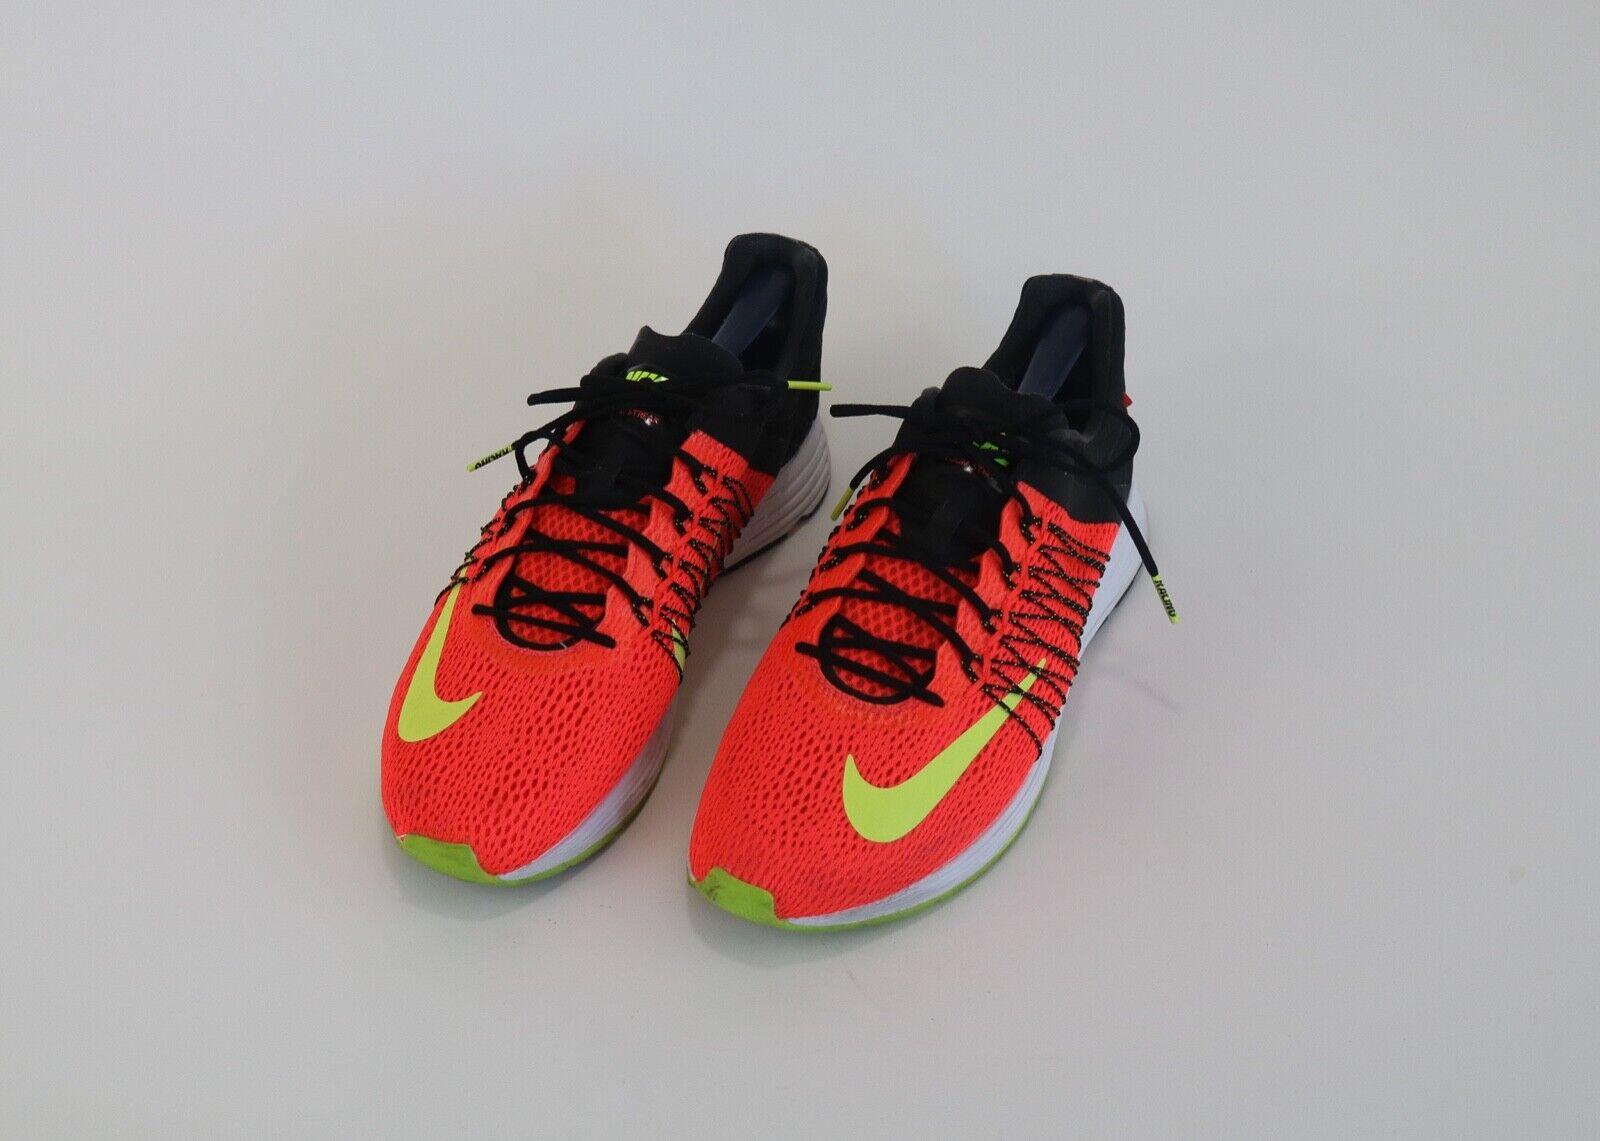 NIKE Zoom Streak orange Black Running shoes Sneakers Size 10.5 Racing